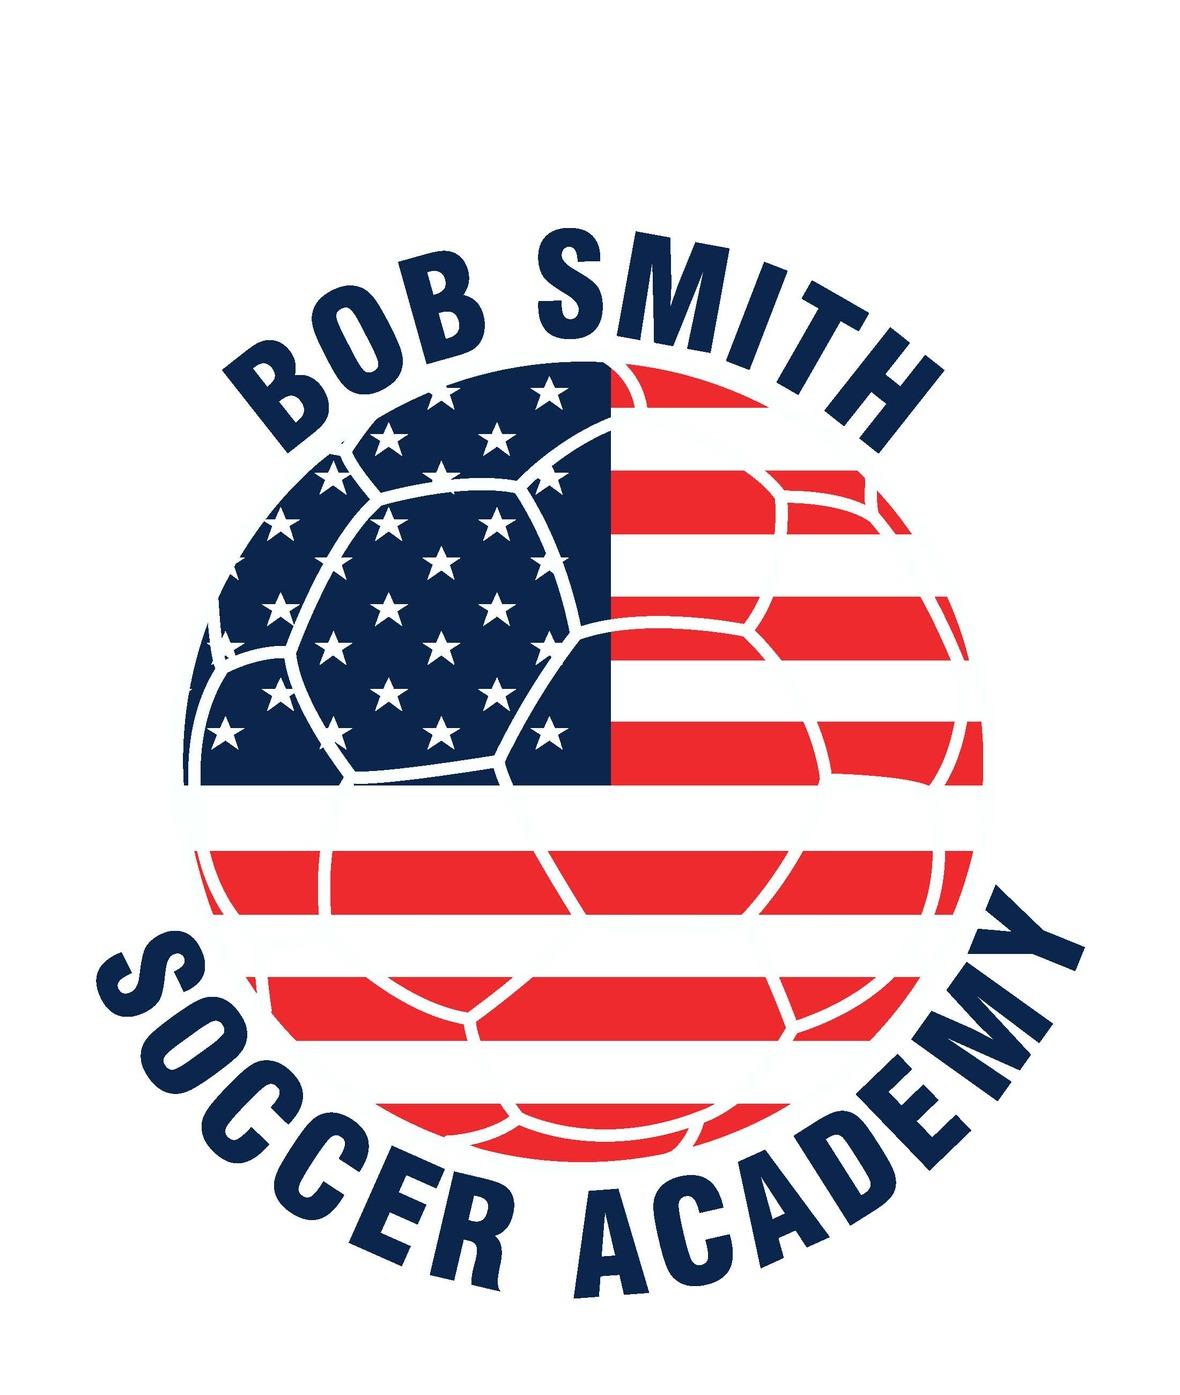 BobSmithSoccer AcademyLogo